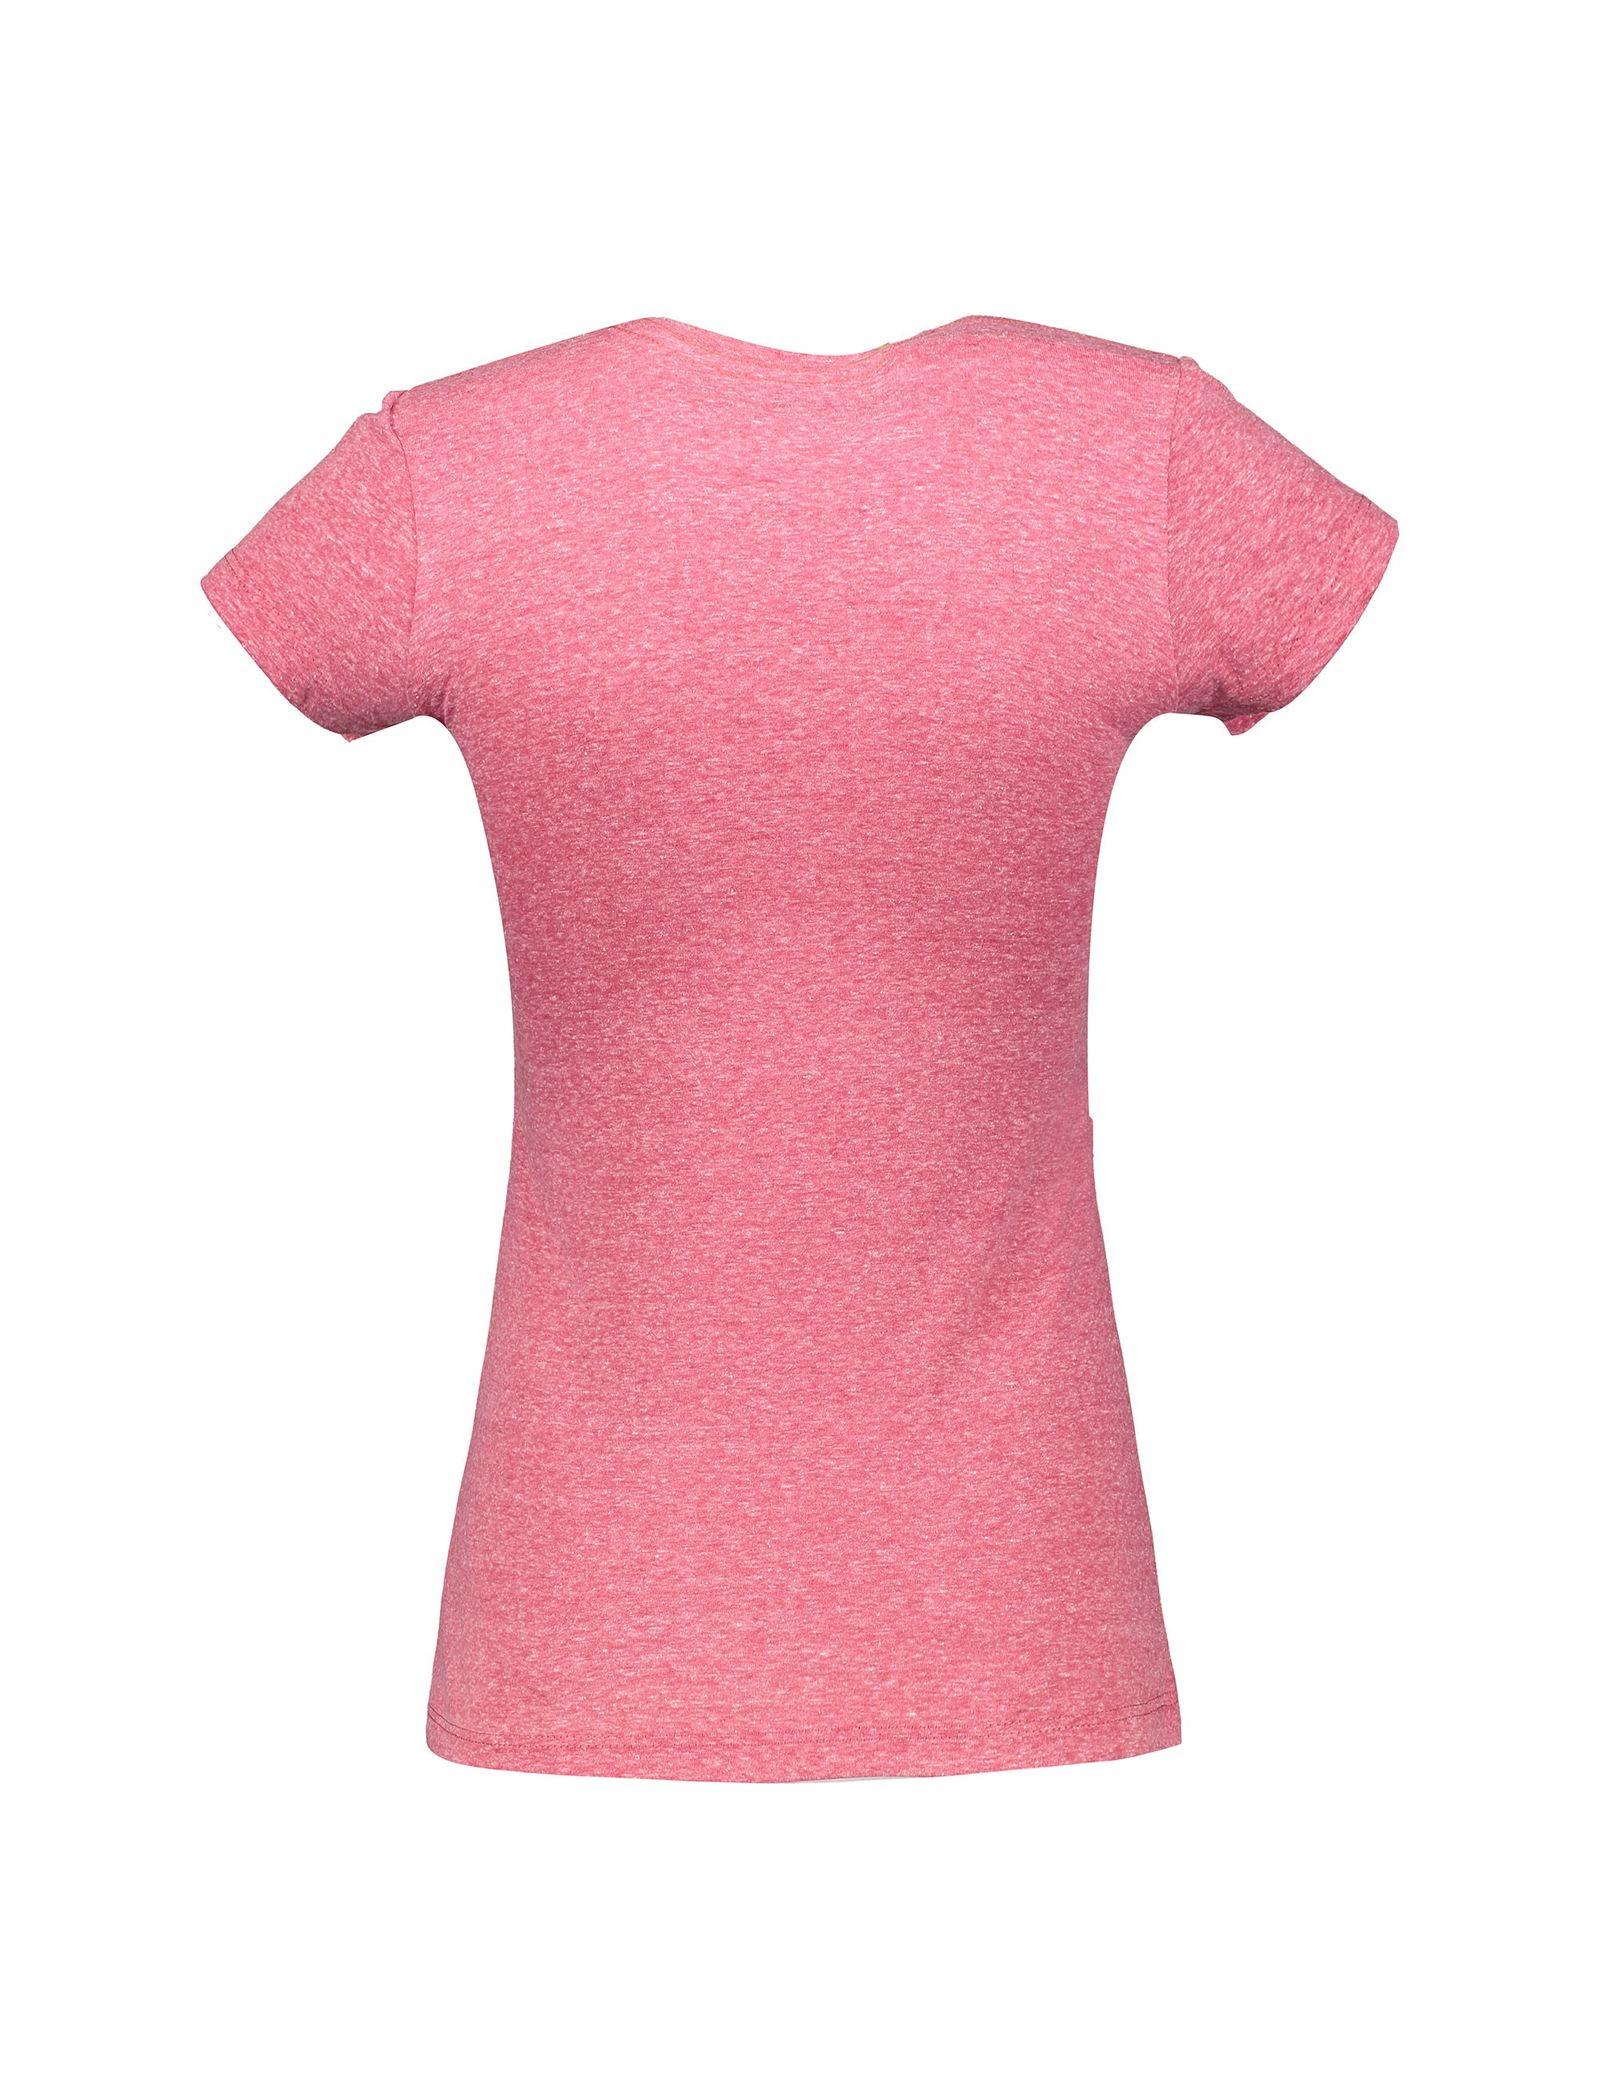 تی شرت یقه گرد زنانه - متی - صورتي - 2